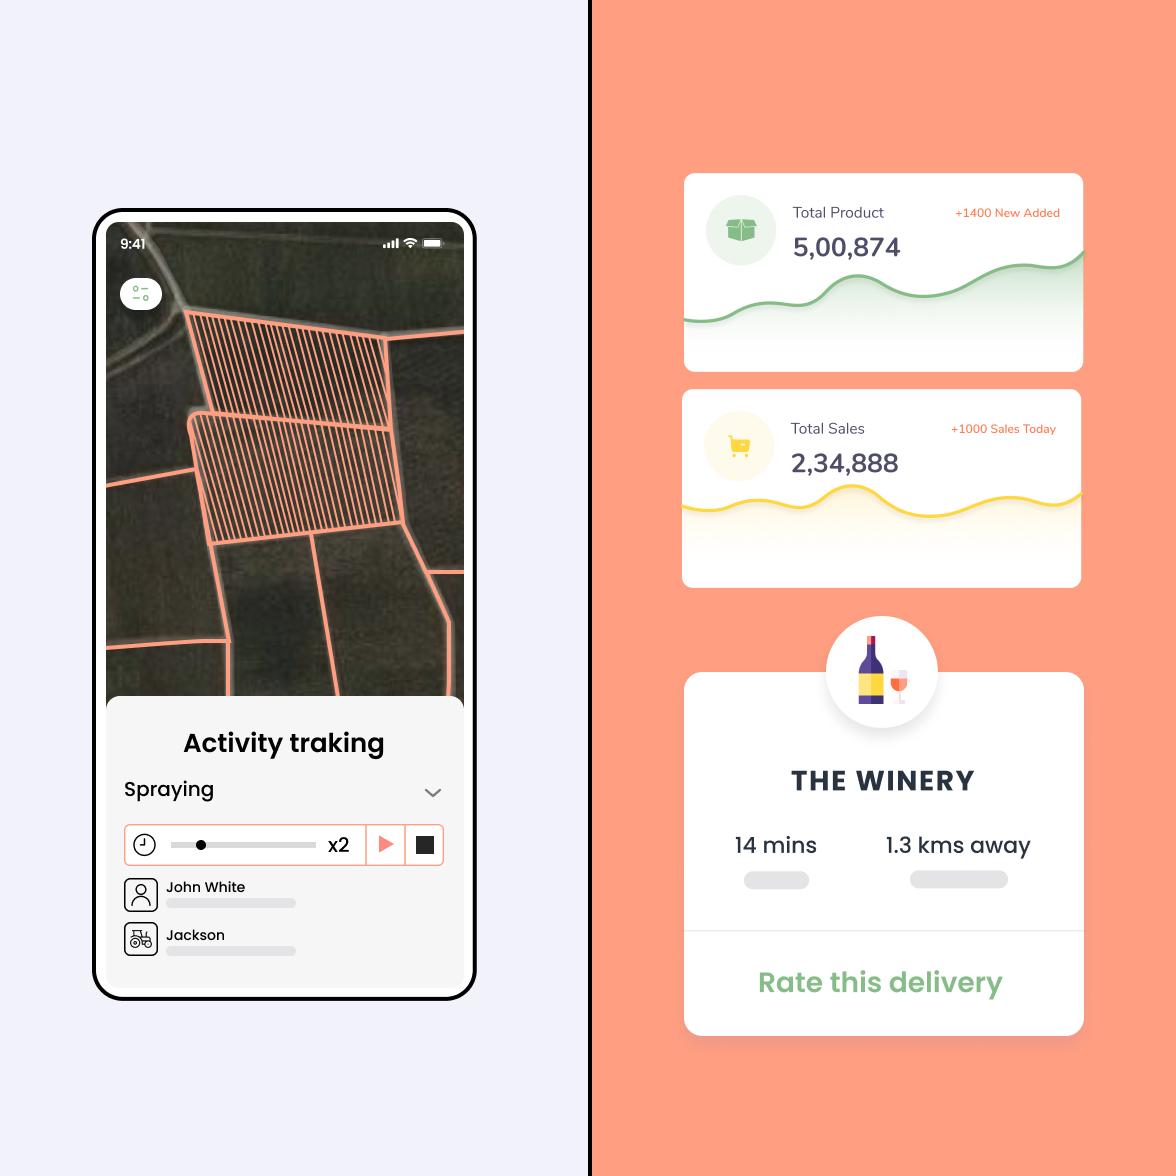 Wine industry mobile app screens